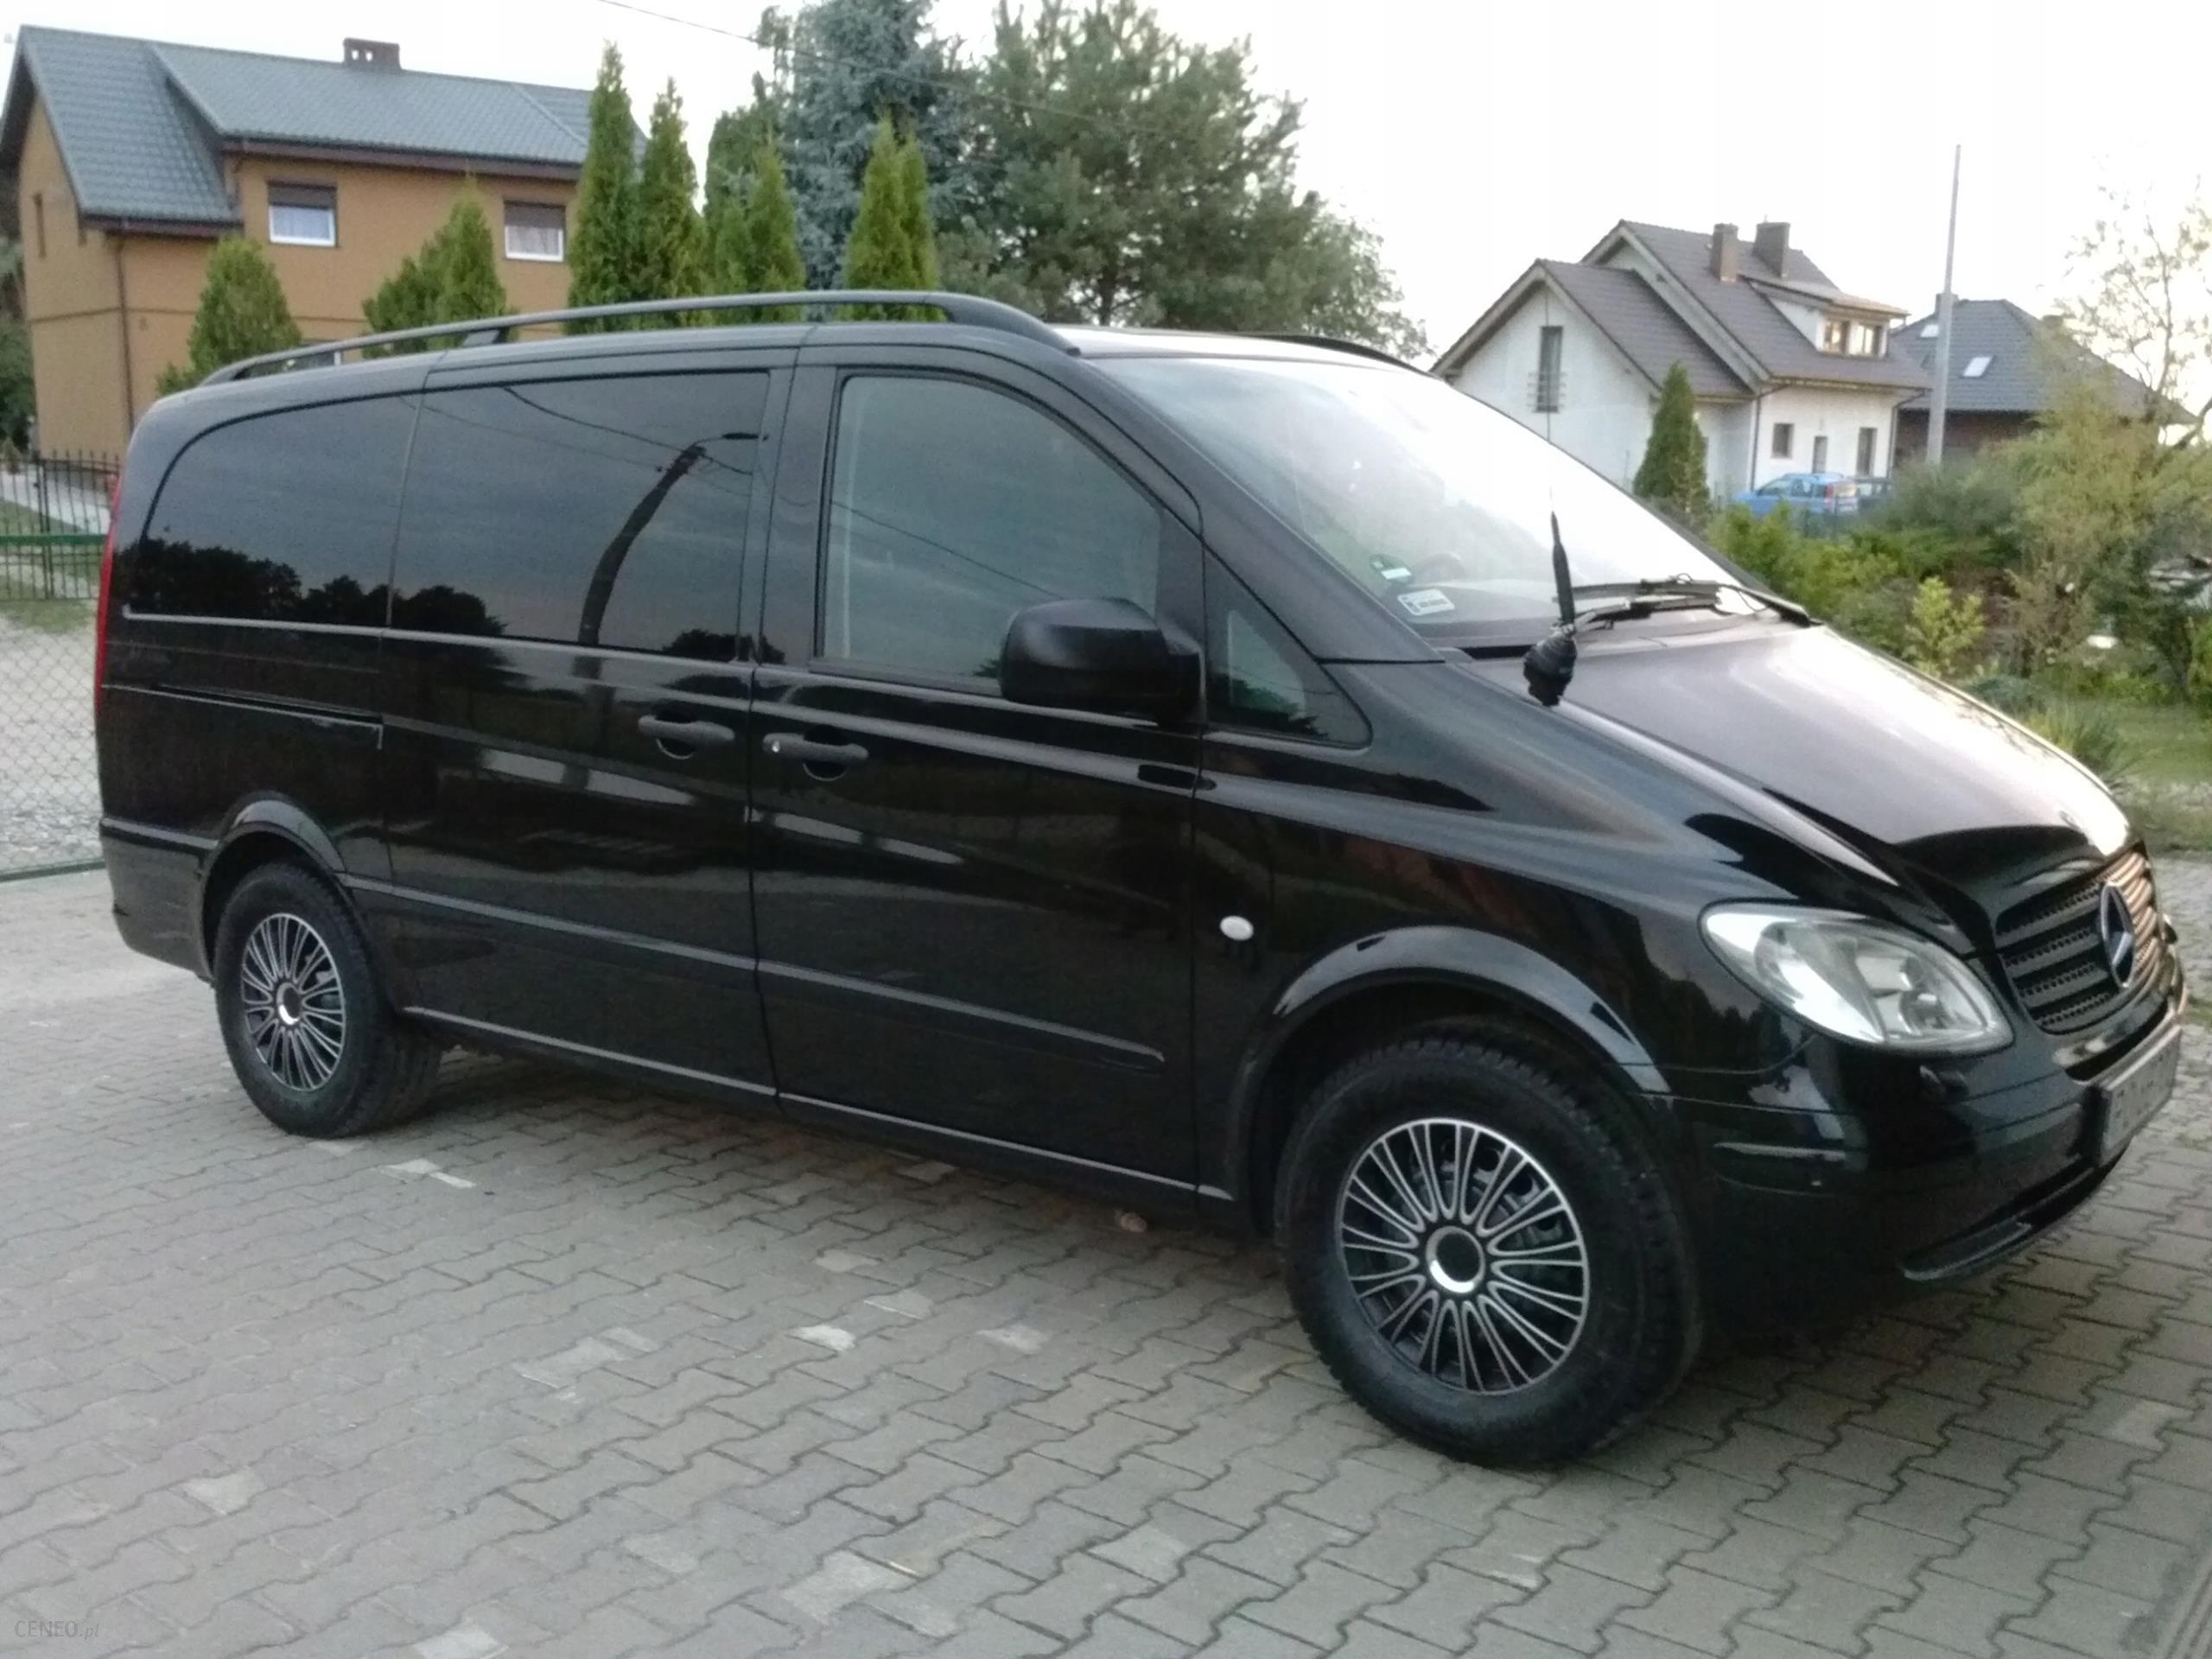 Mercedes-Benz Vito W639 2010 KM Van (minibus) Czarny ...